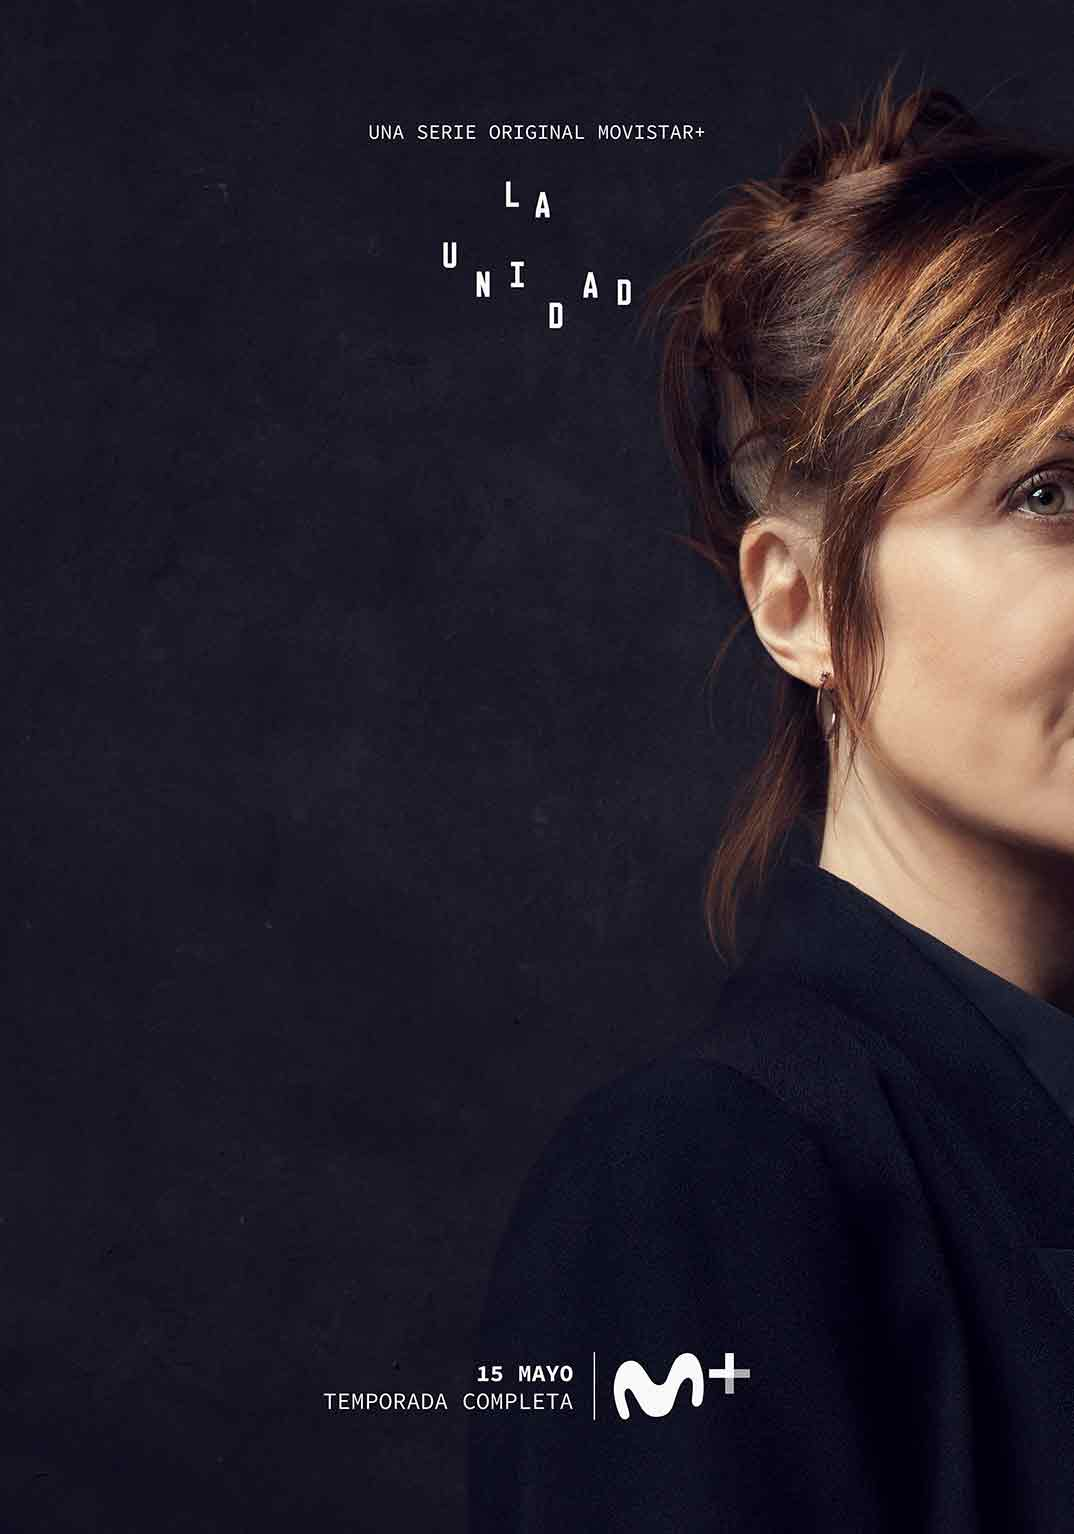 Nathalie Poza - La unidad © Movistar+